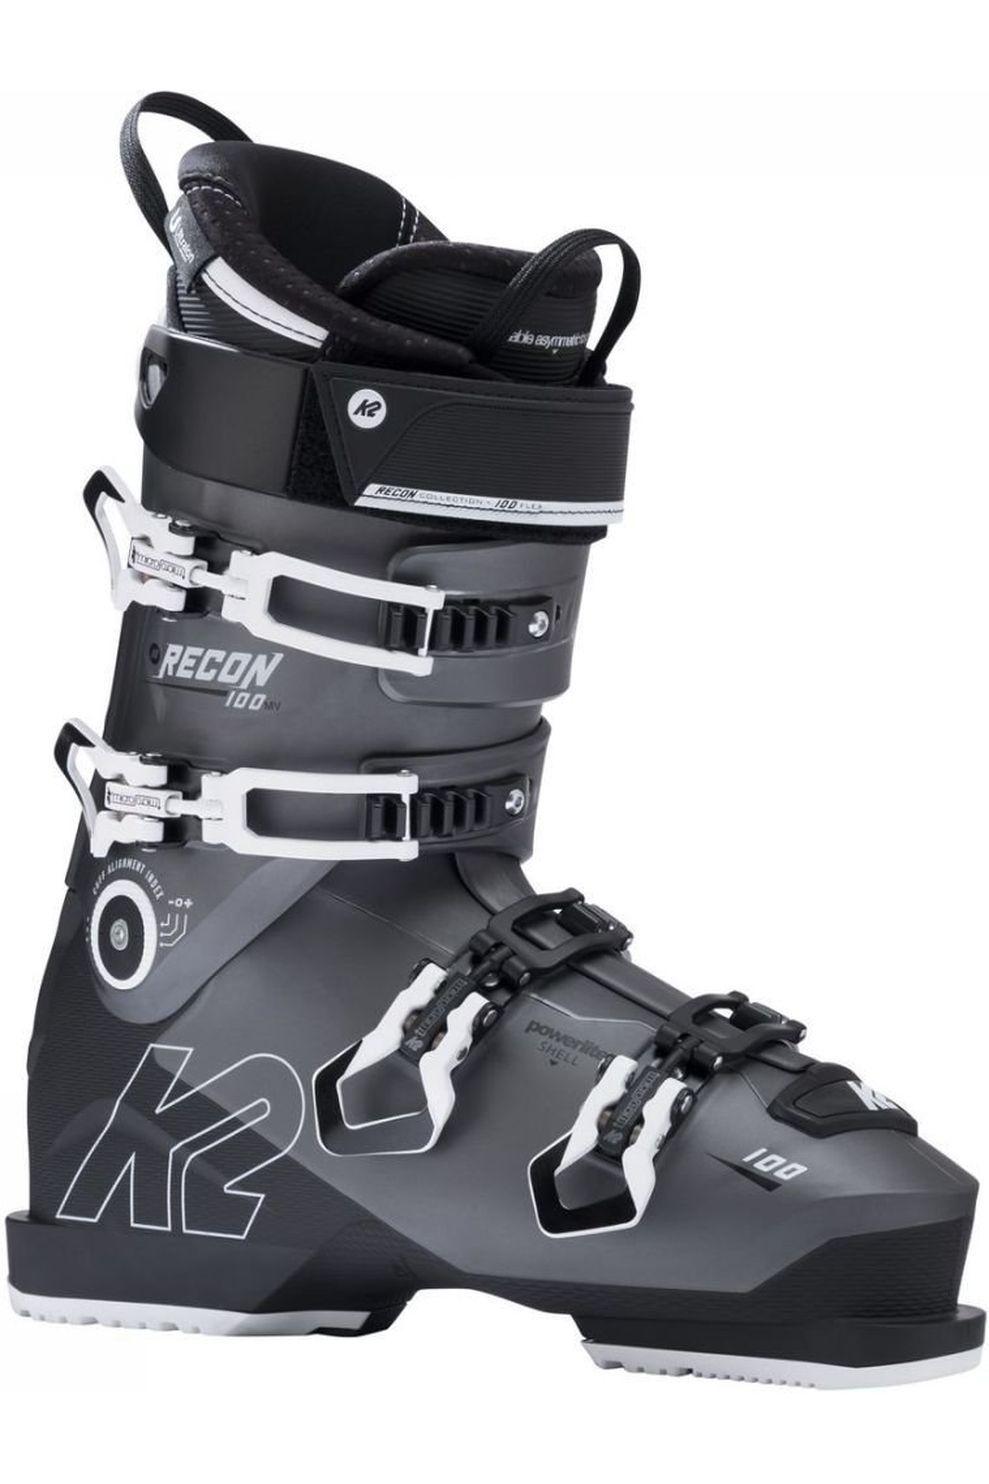 K2 Skischoen Recon 100 Mv voor heren - Zwart/Wit - Maten: 26.5, 27.5, 28.5, 29.5